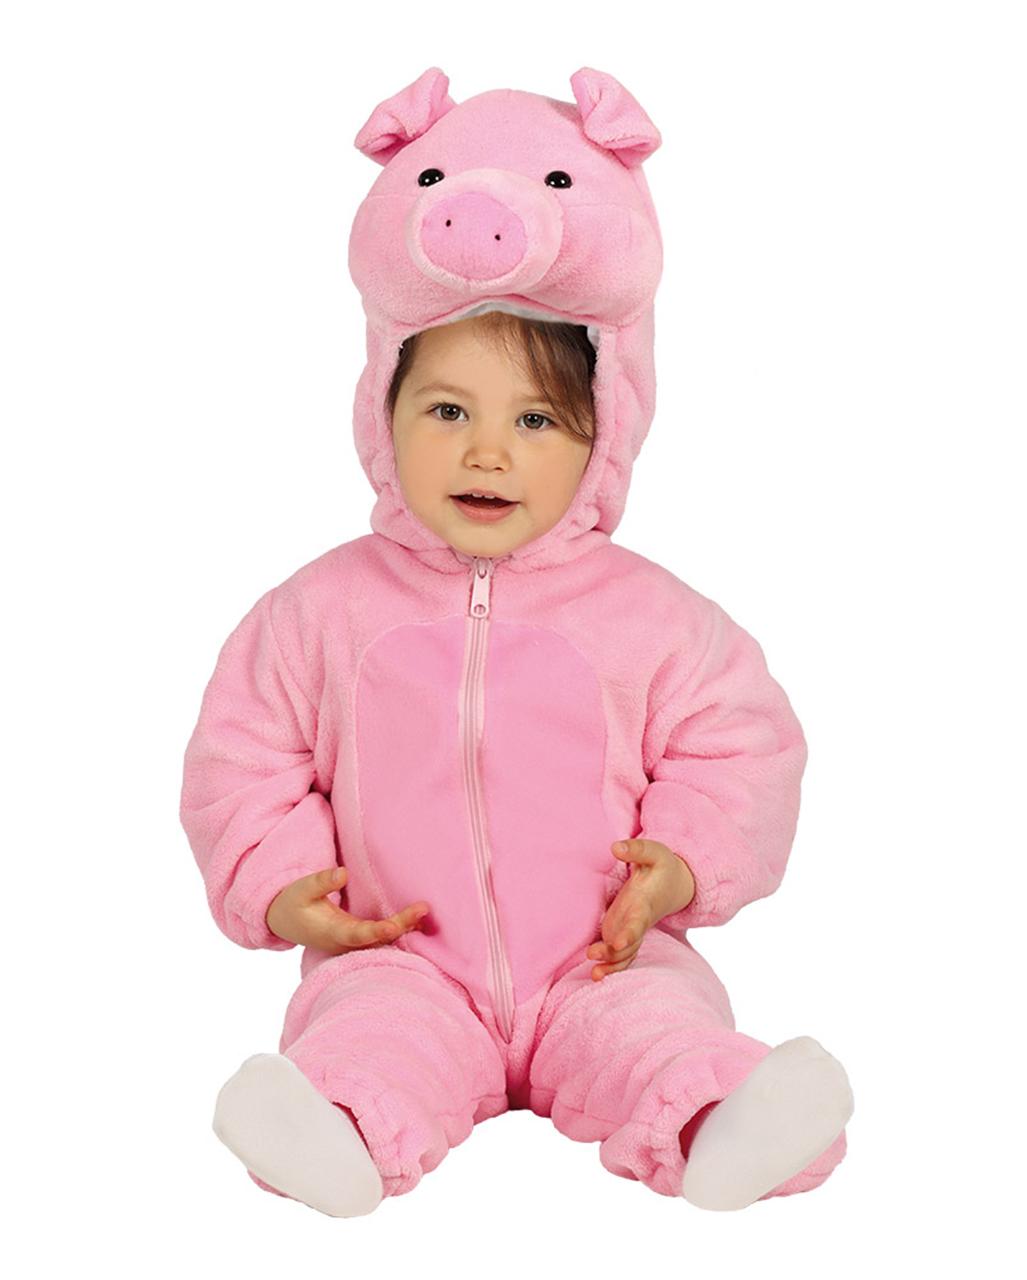 Kostum Schwein Kinder Schweinchen Piggy Ferkel Weste Cosplay